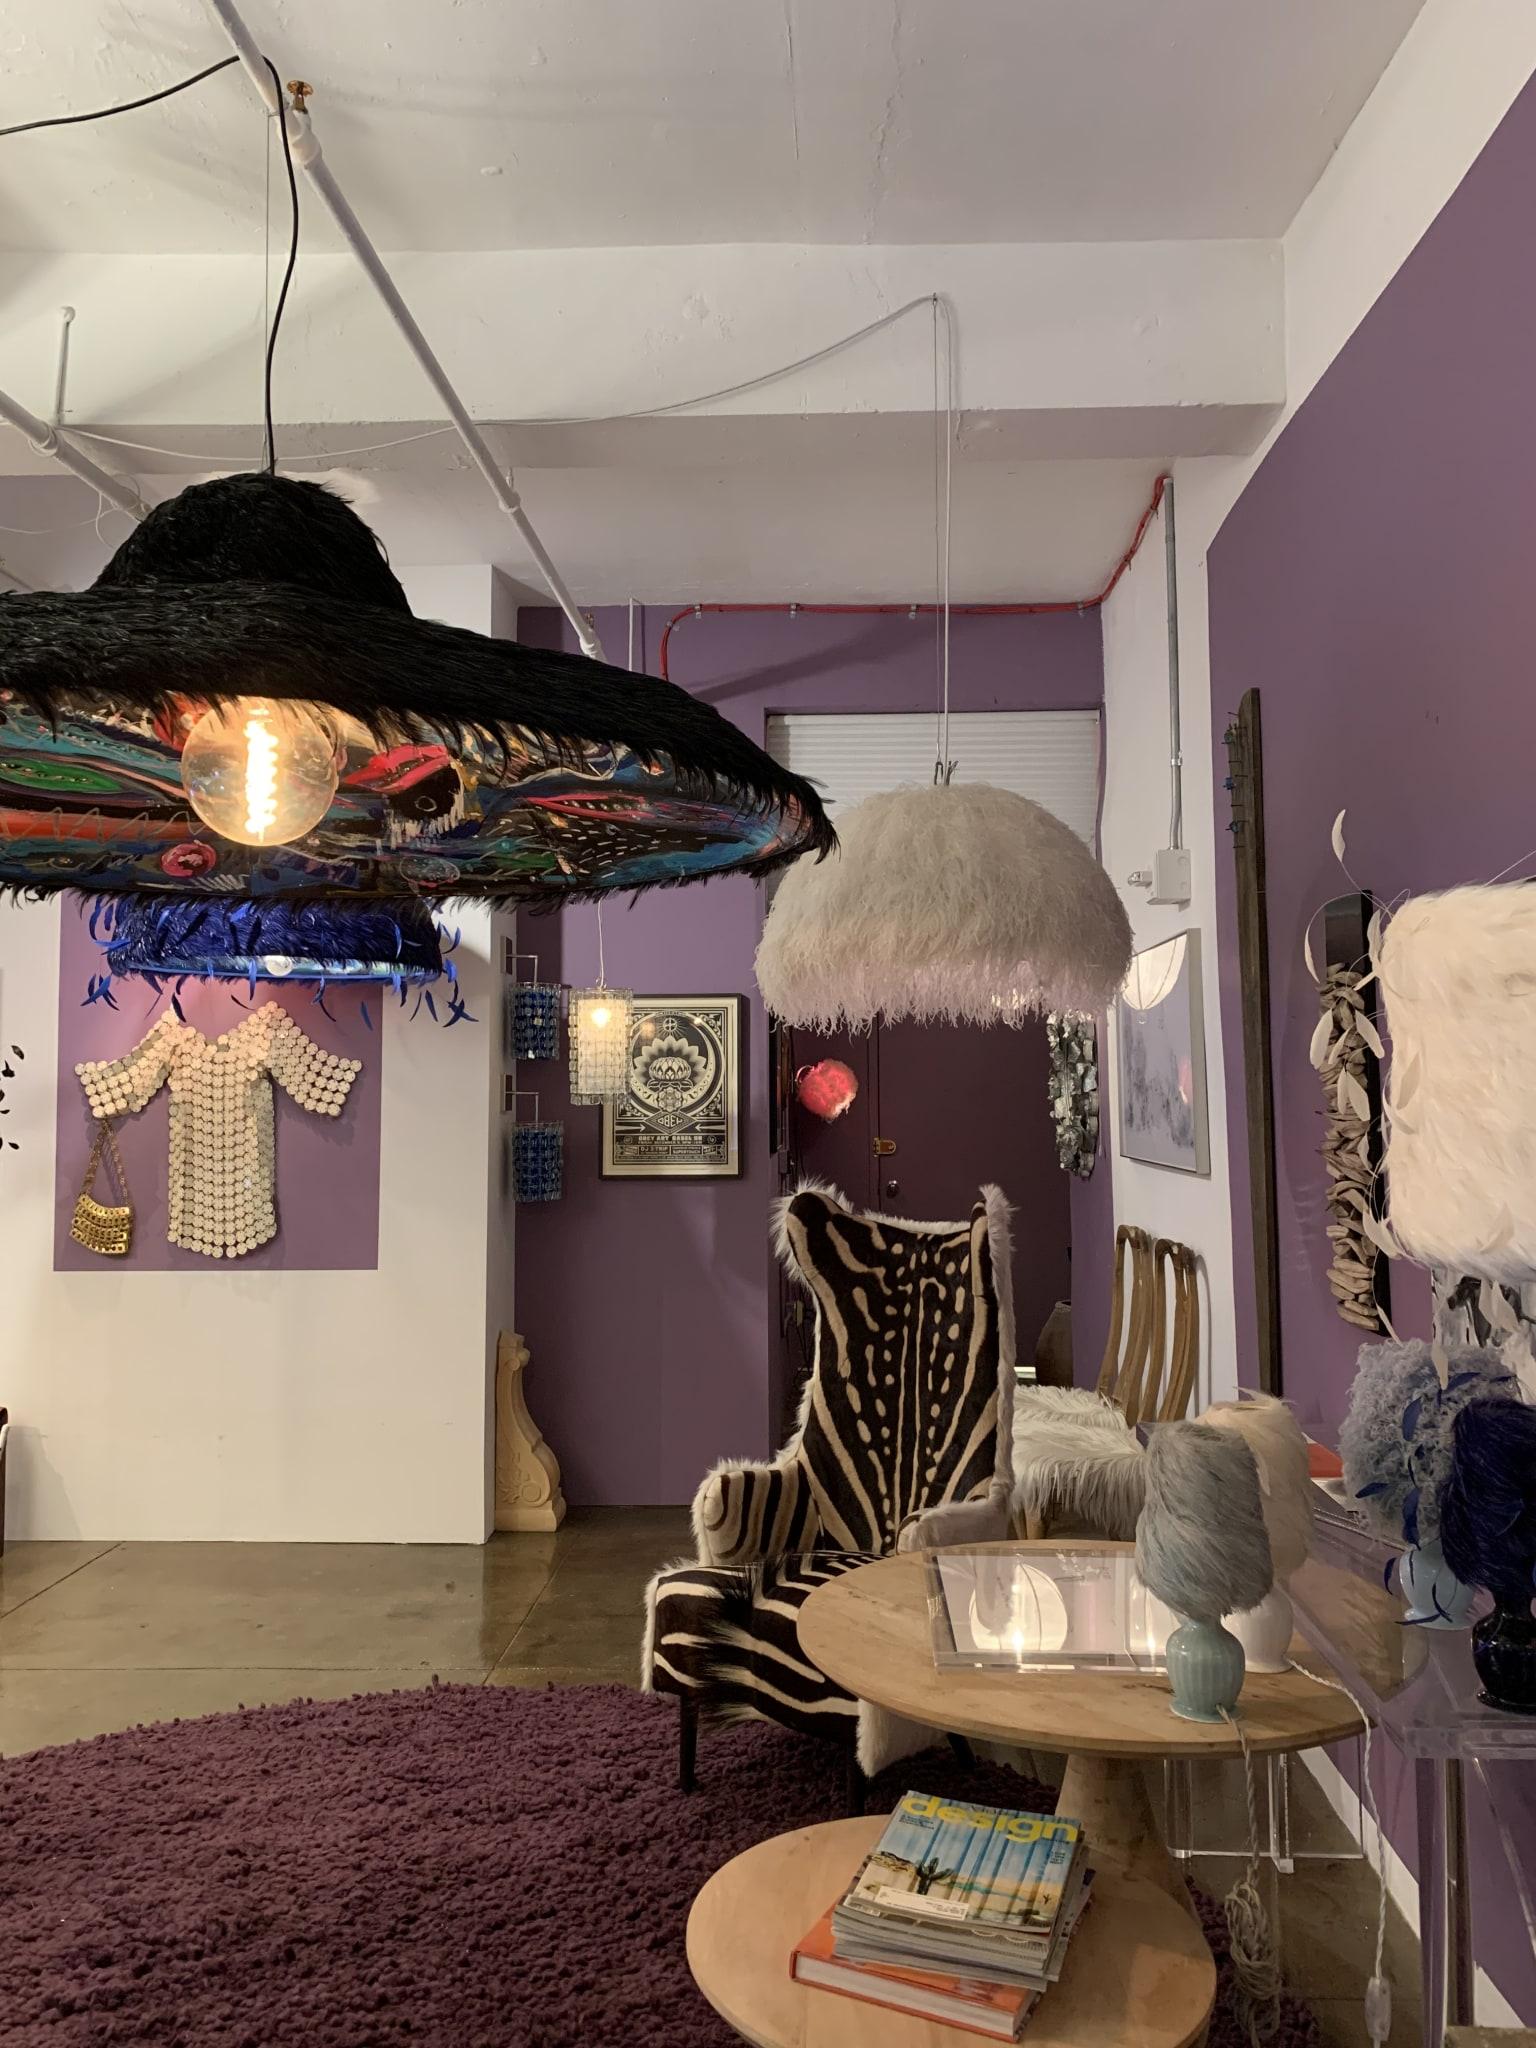 bno-design-studio-img-3046